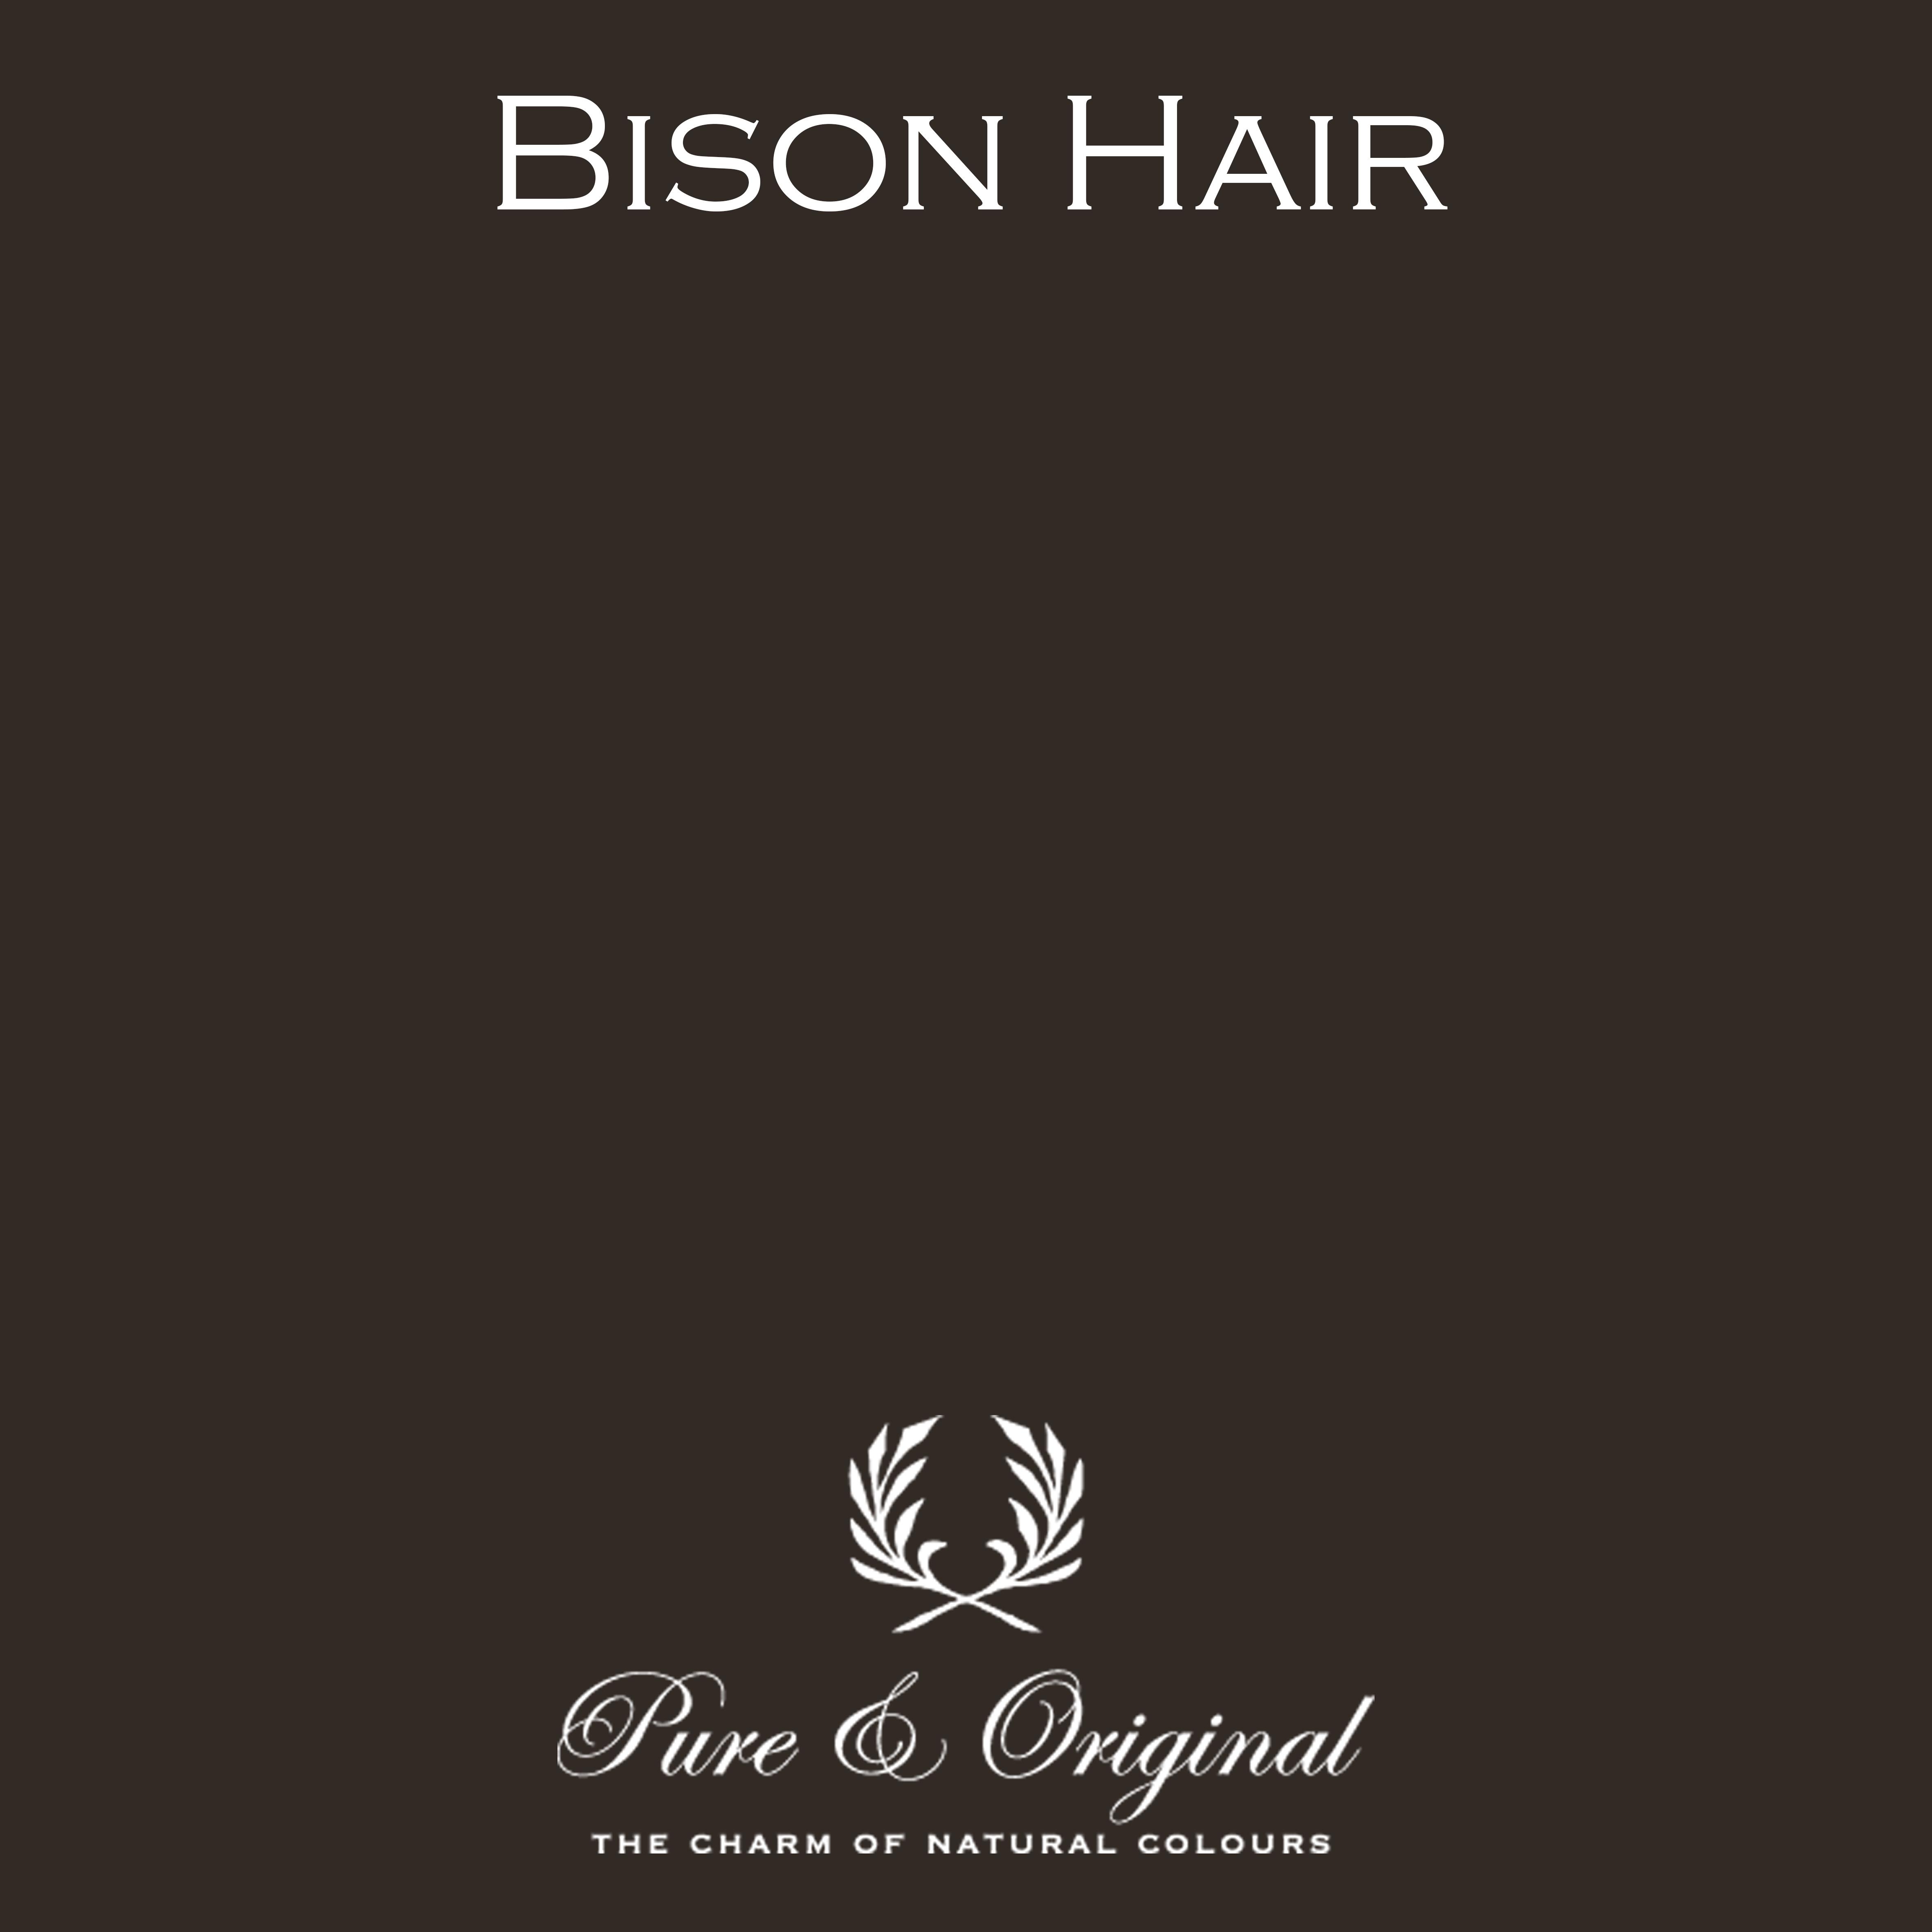 Kulör Bison Hair, Classico kritfärg